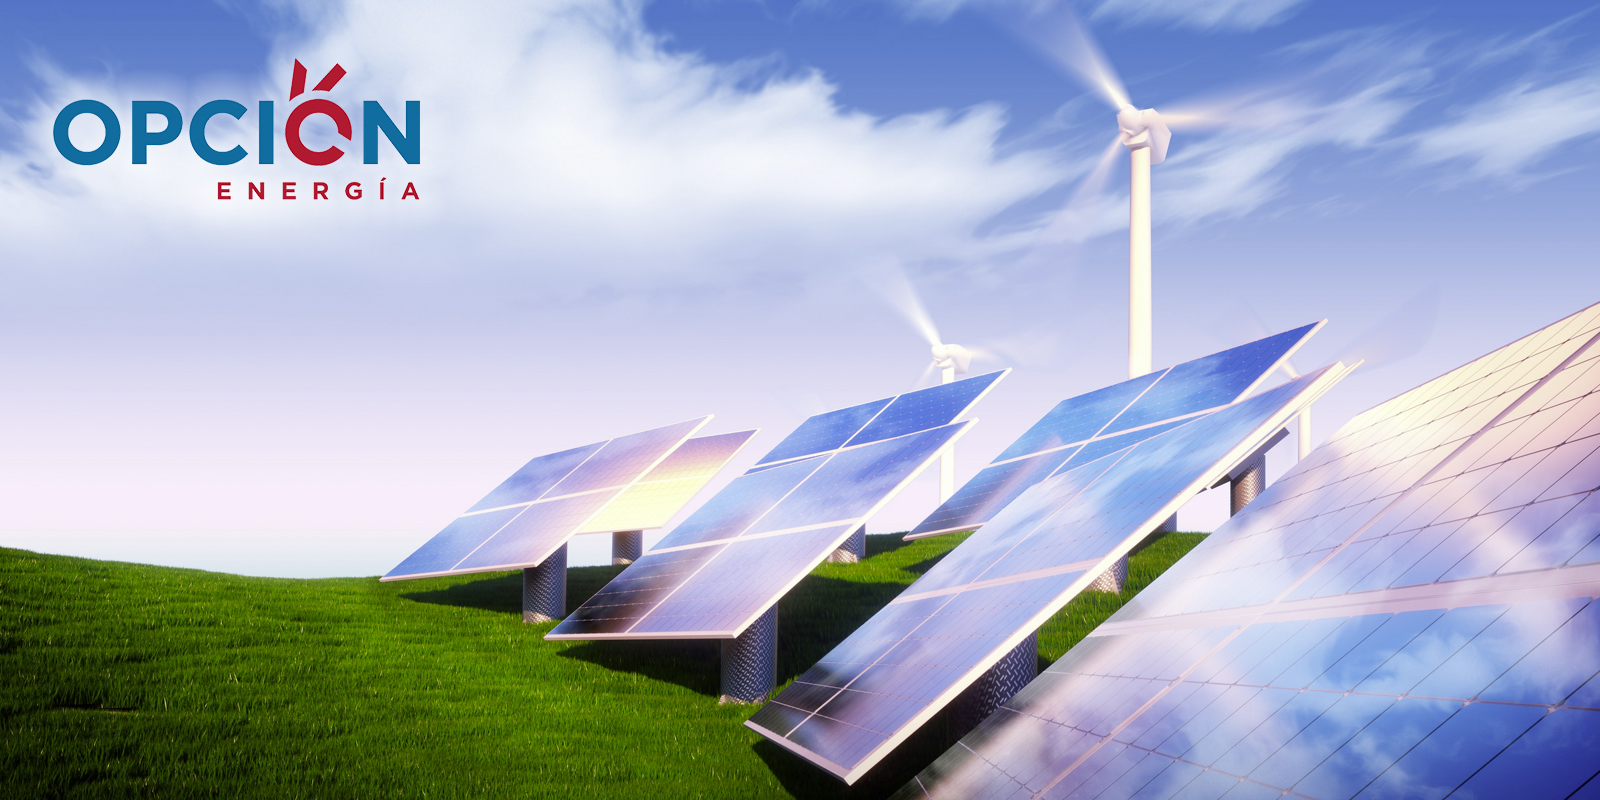 La energía más económica para tu hogar